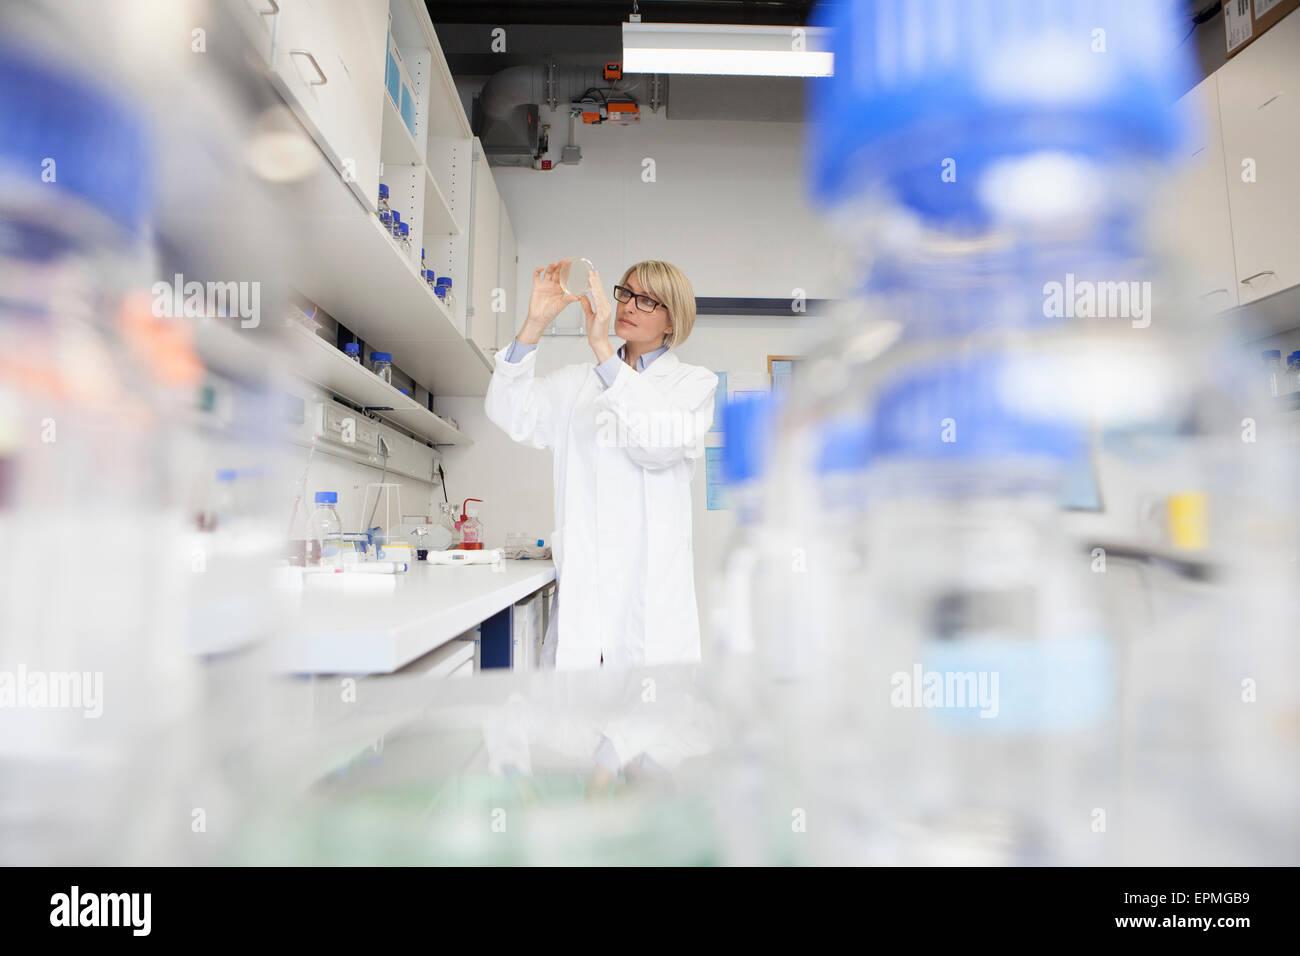 Chercheur scientifique au laboratoire de petri Photo Stock